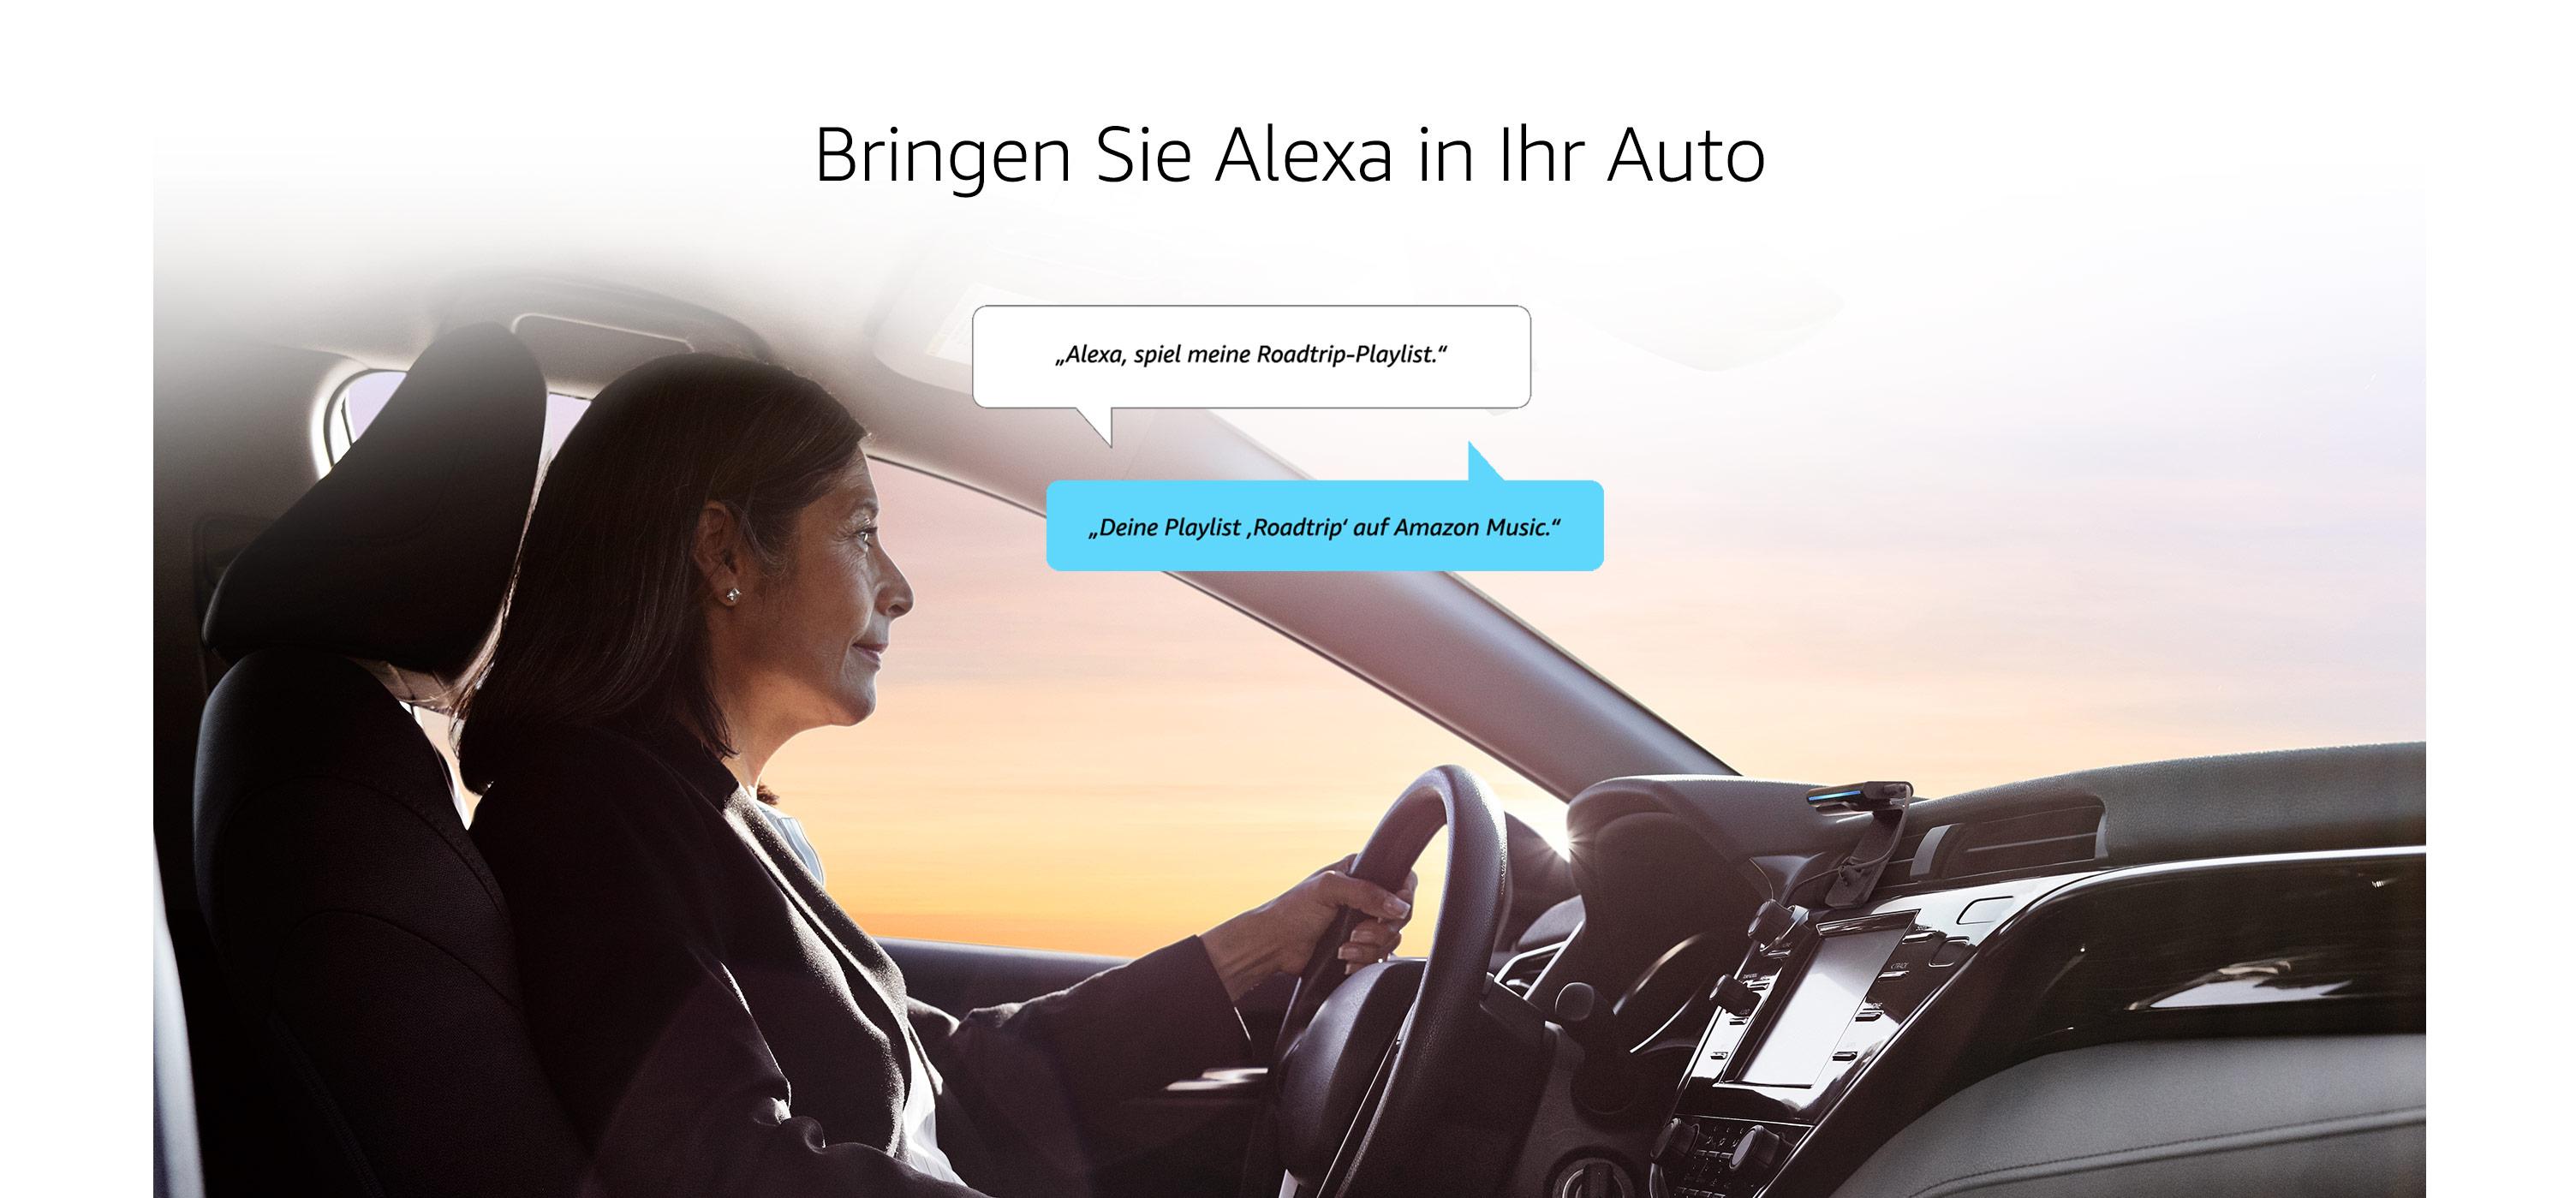 Bringen Sie Alexa in Ihr Auto